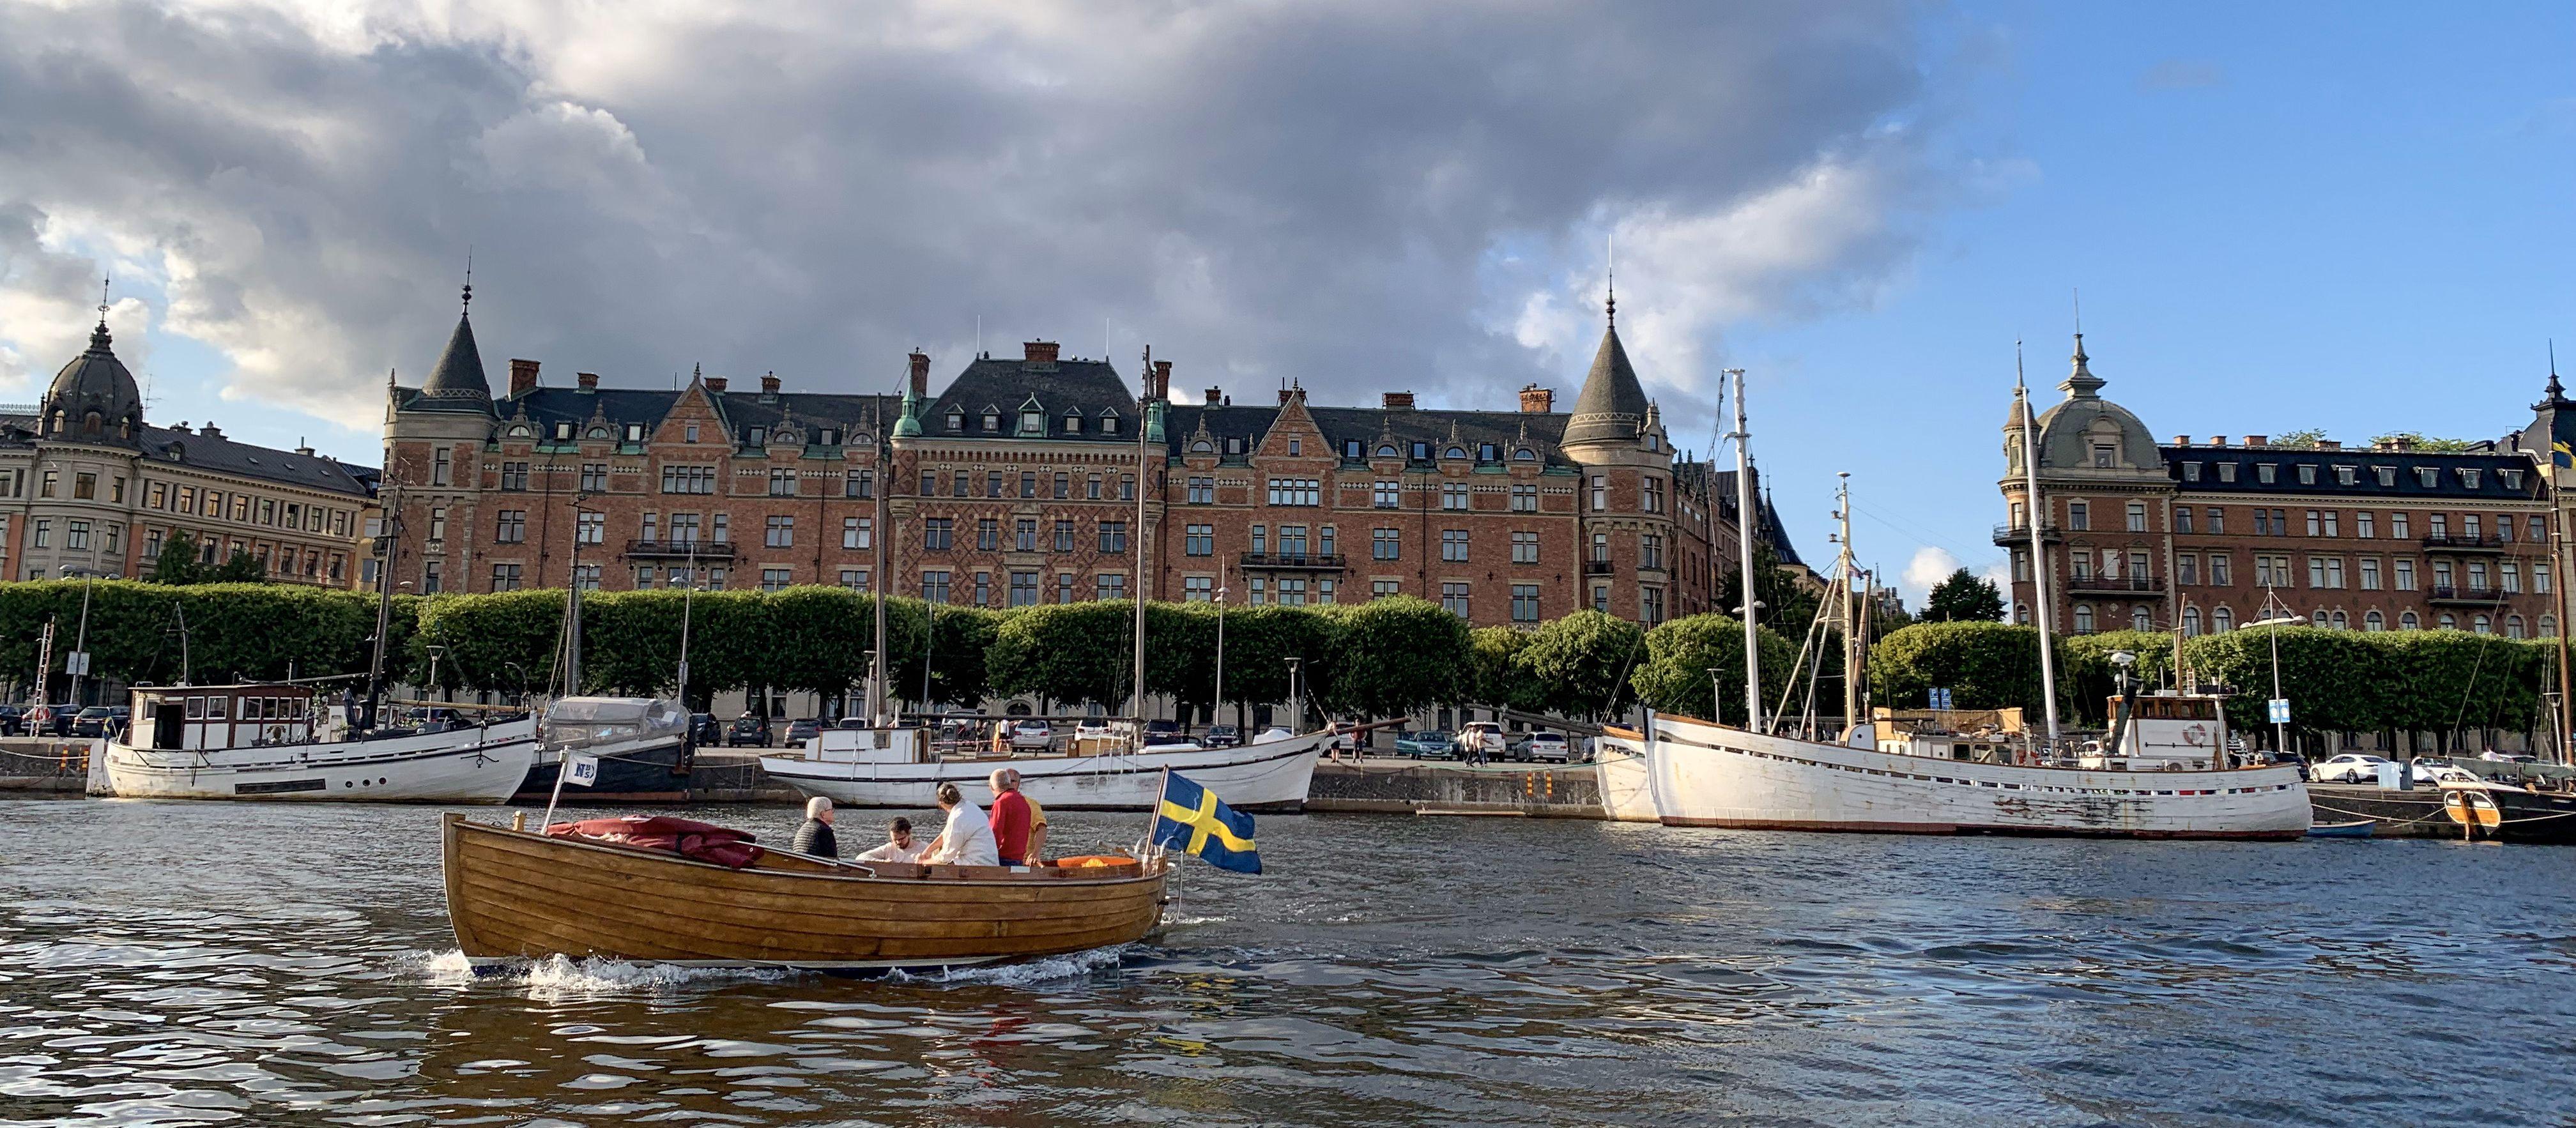 Eine gemütliche Bootsfahrt durch den Hafen von Stockholm